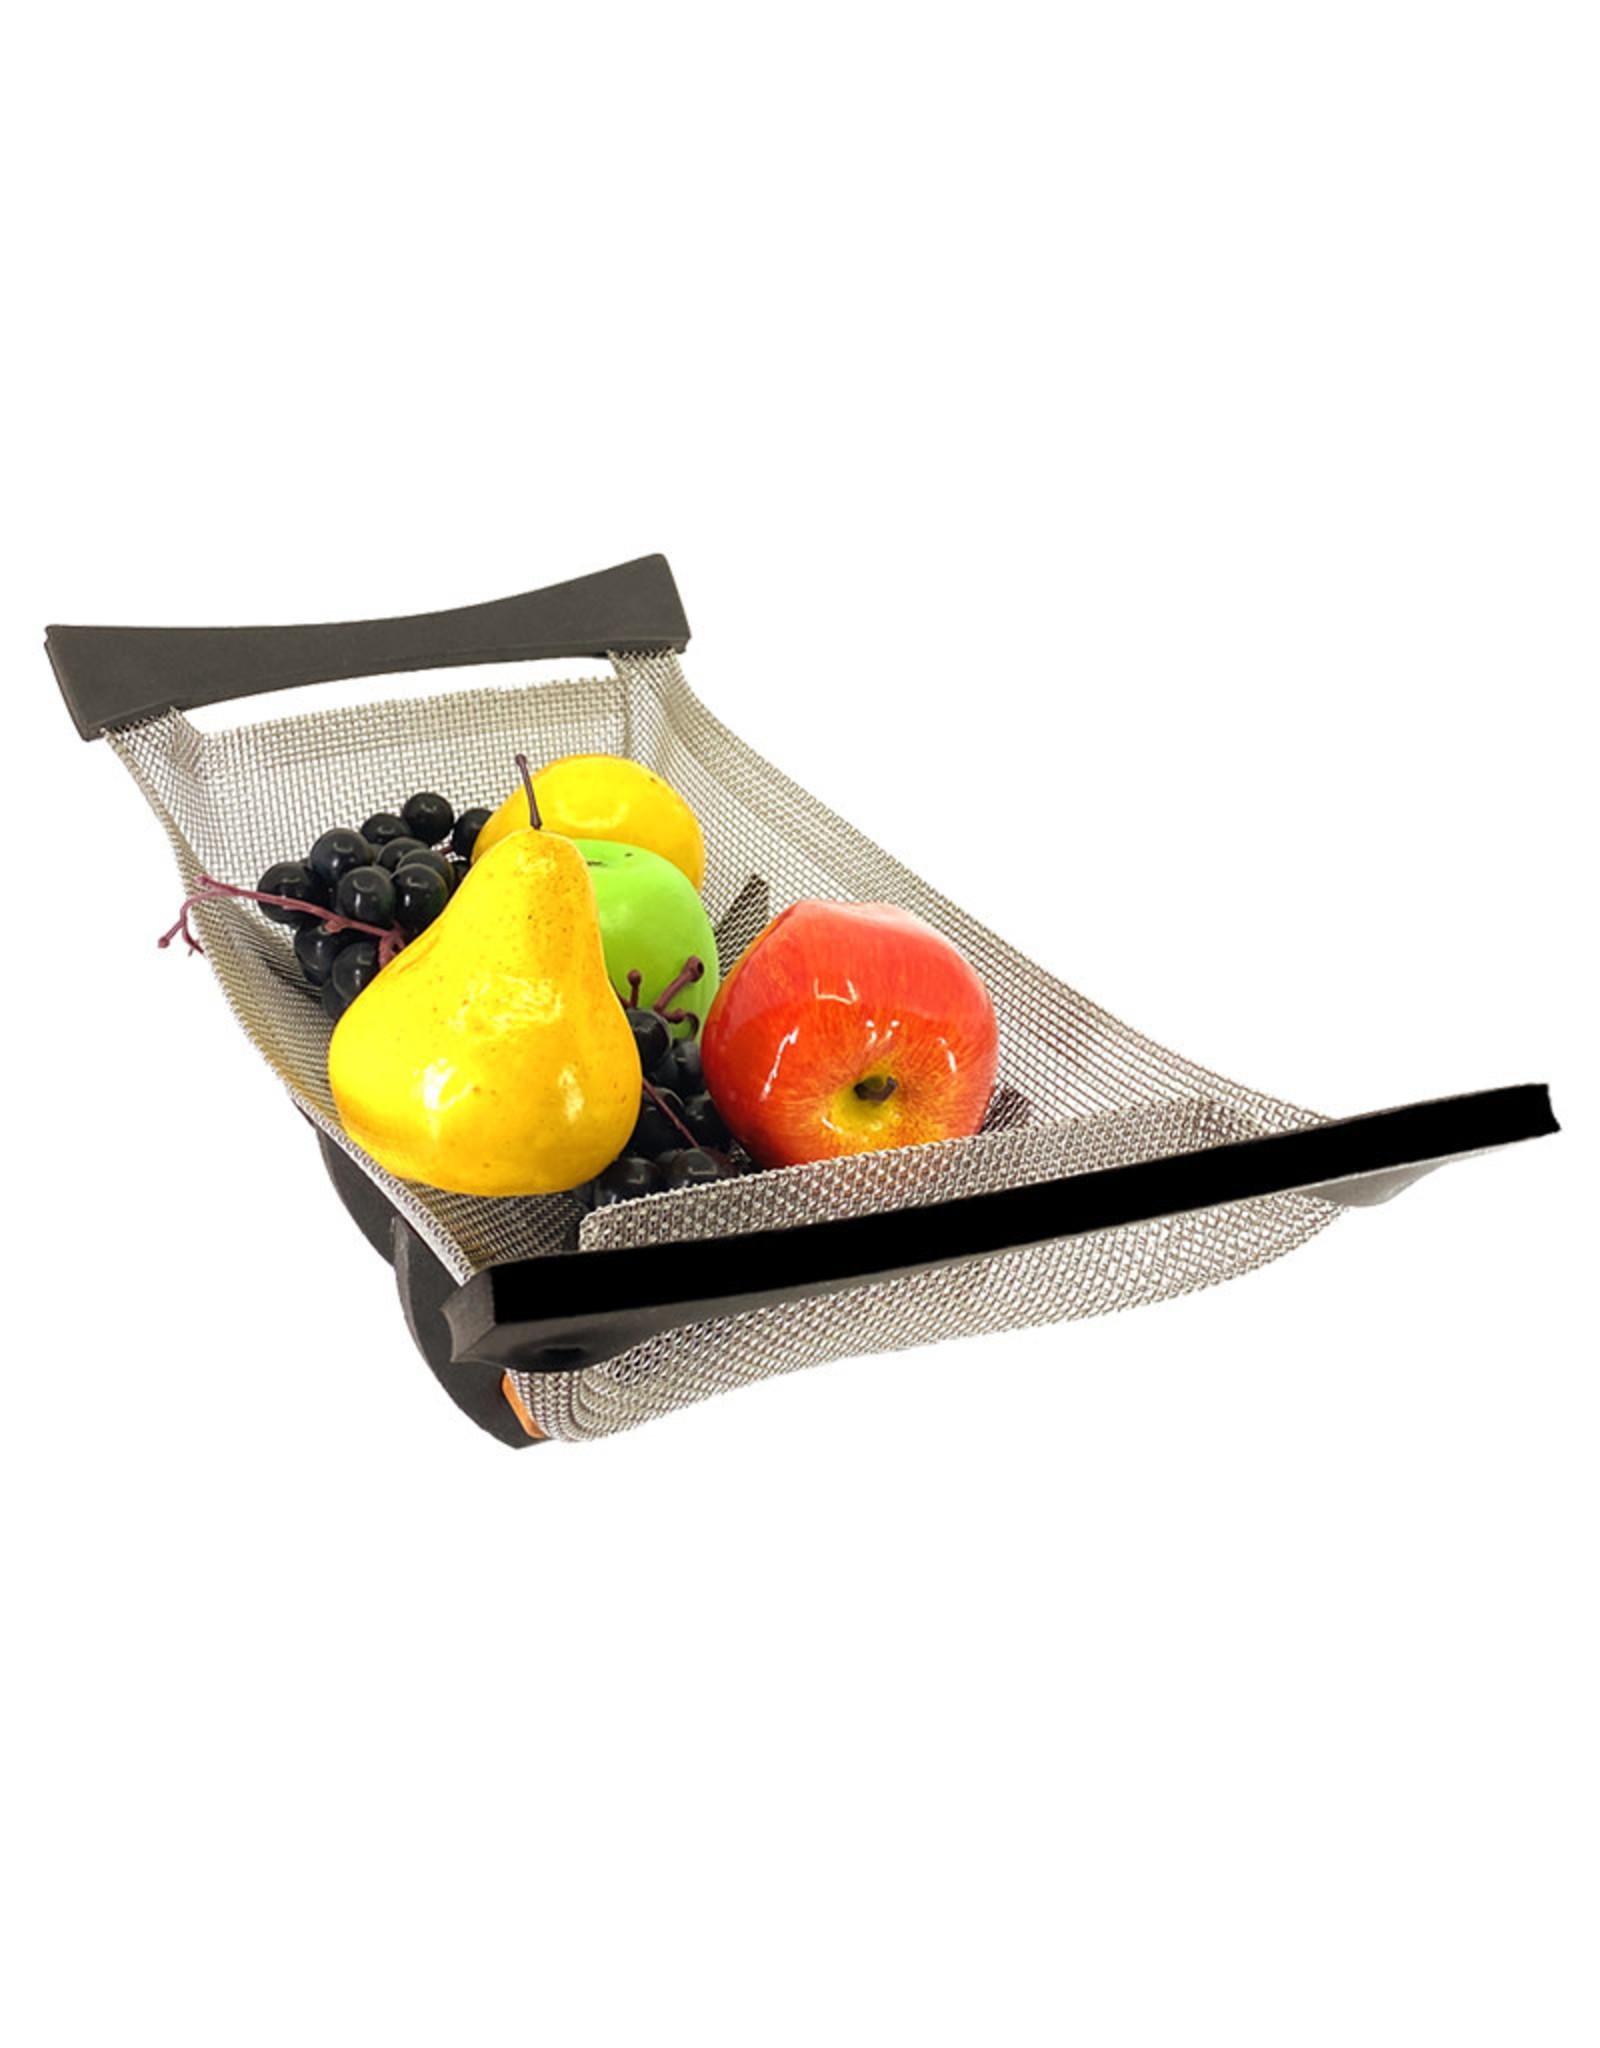 SANTAMARINA DESIGNS LARGE DEEP MESH FRUIT/BREAD BASKET